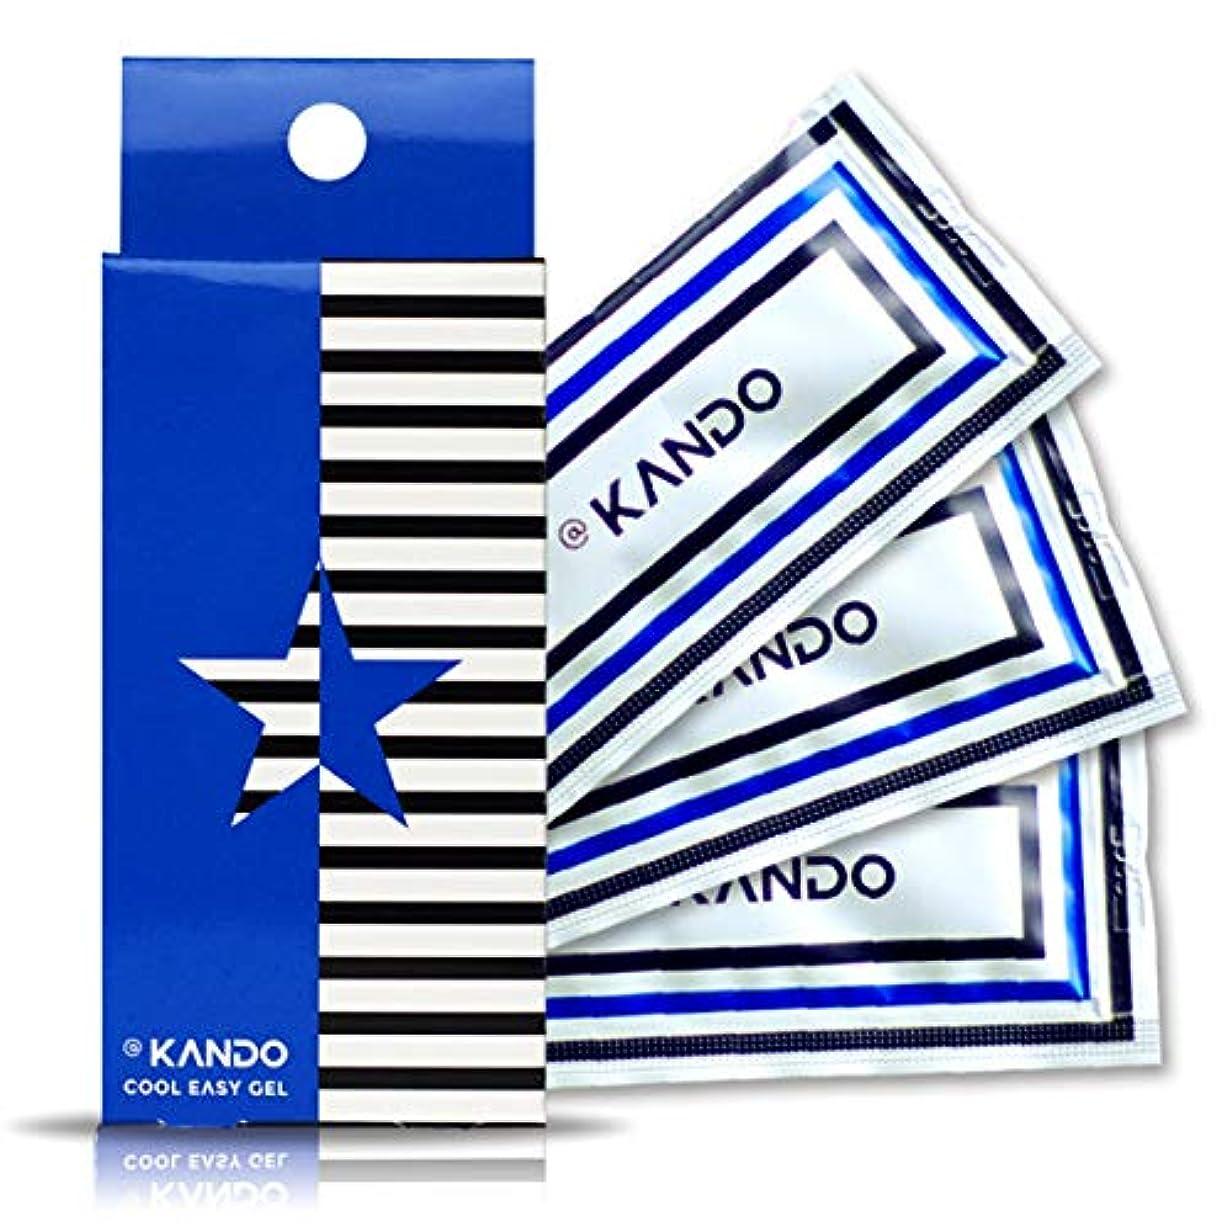 証明するバリーハッチ@KANDO アットカンドクールイージージェル(ボディマッサージジェル)5g×3包入 冷感タイプ